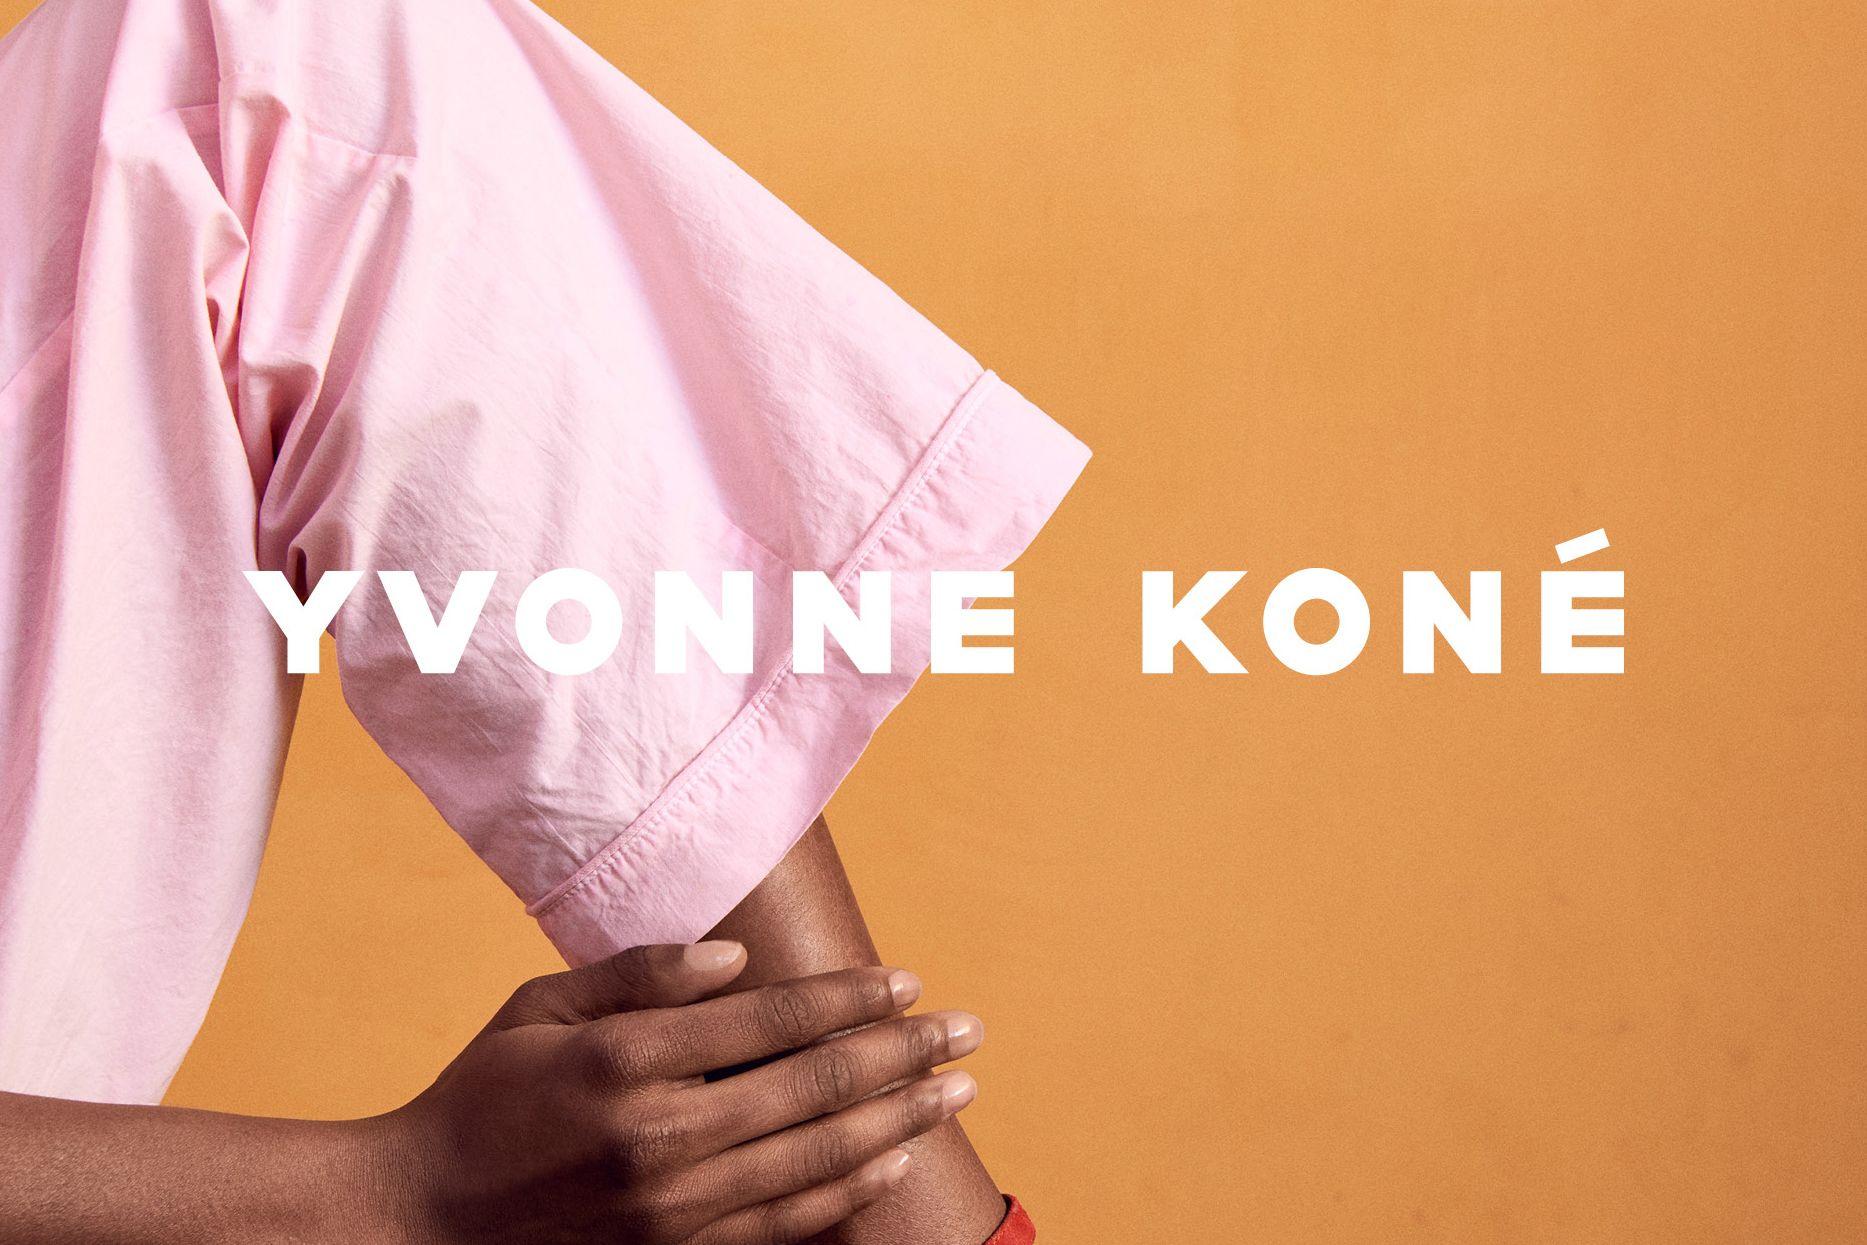 Yvonne Koné logo